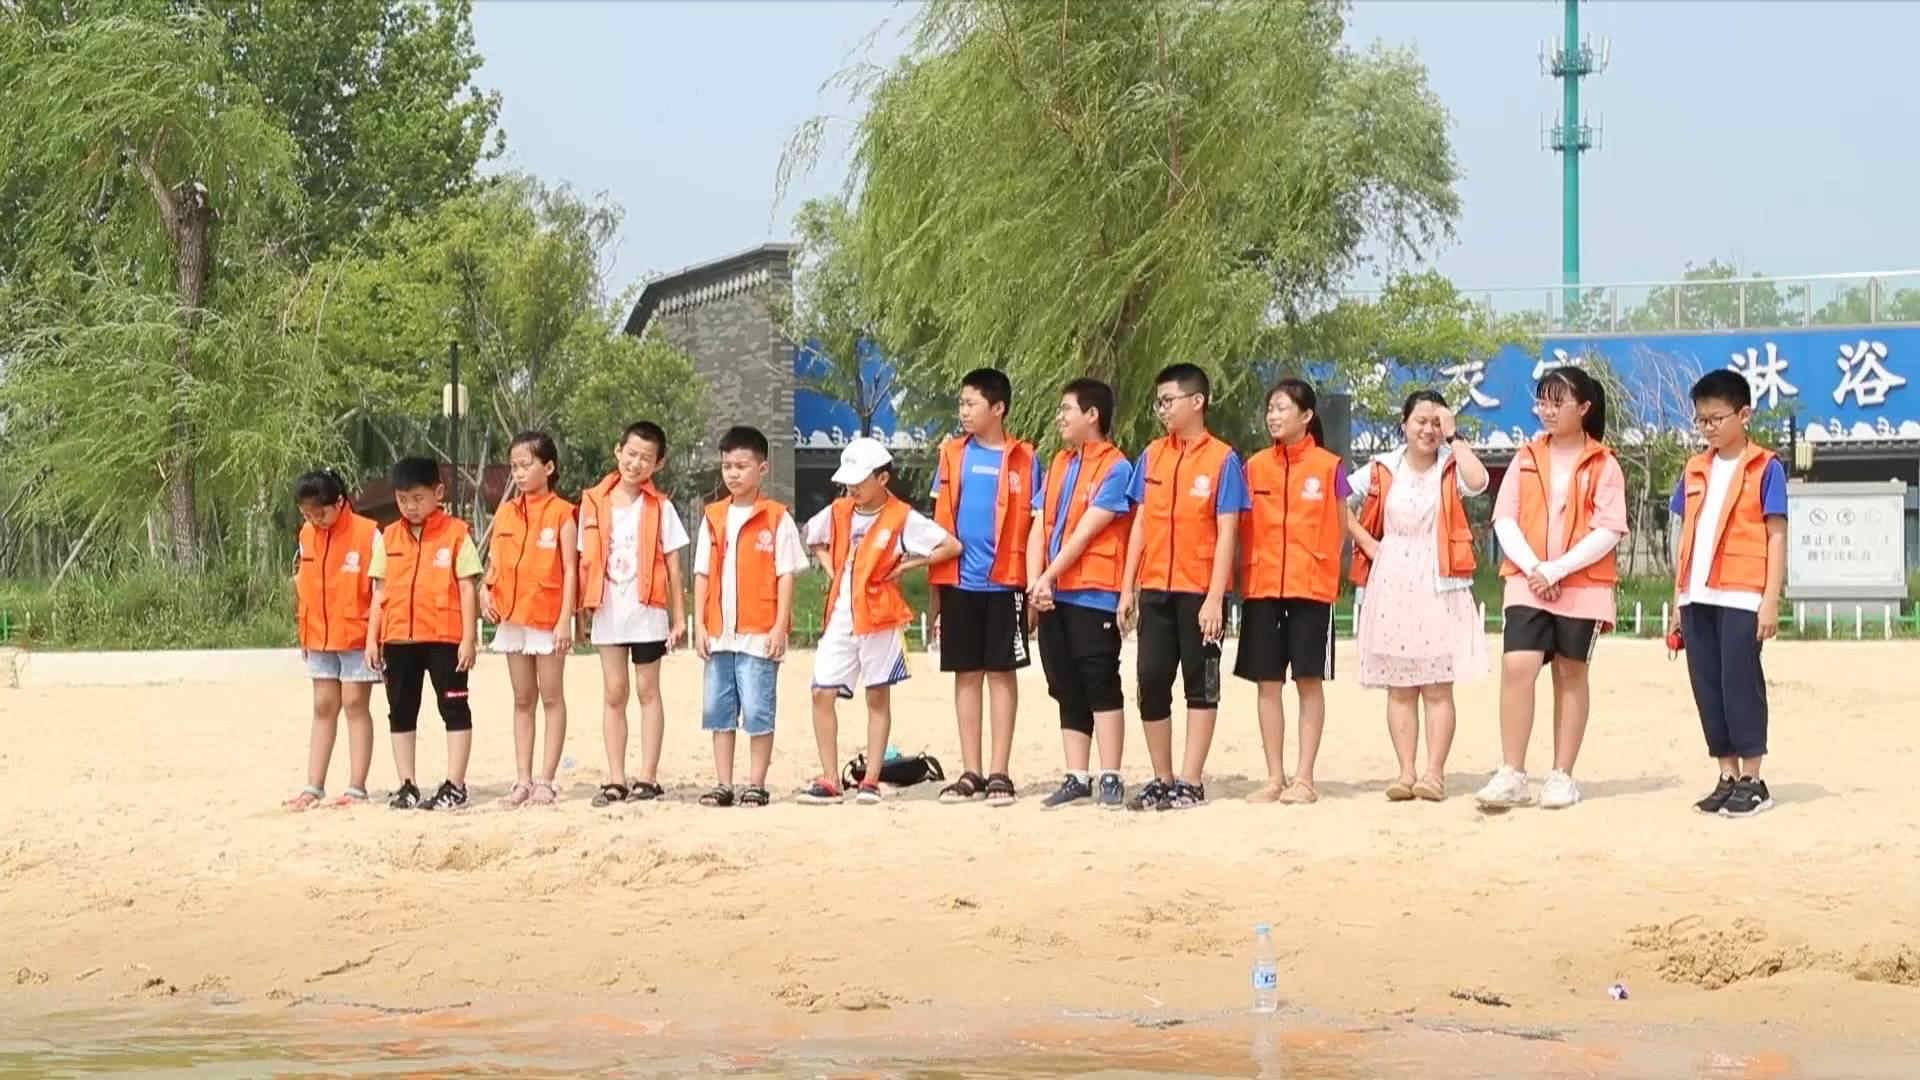 《应急在线》20200802:夏季溺水事故多 自救互救是关键